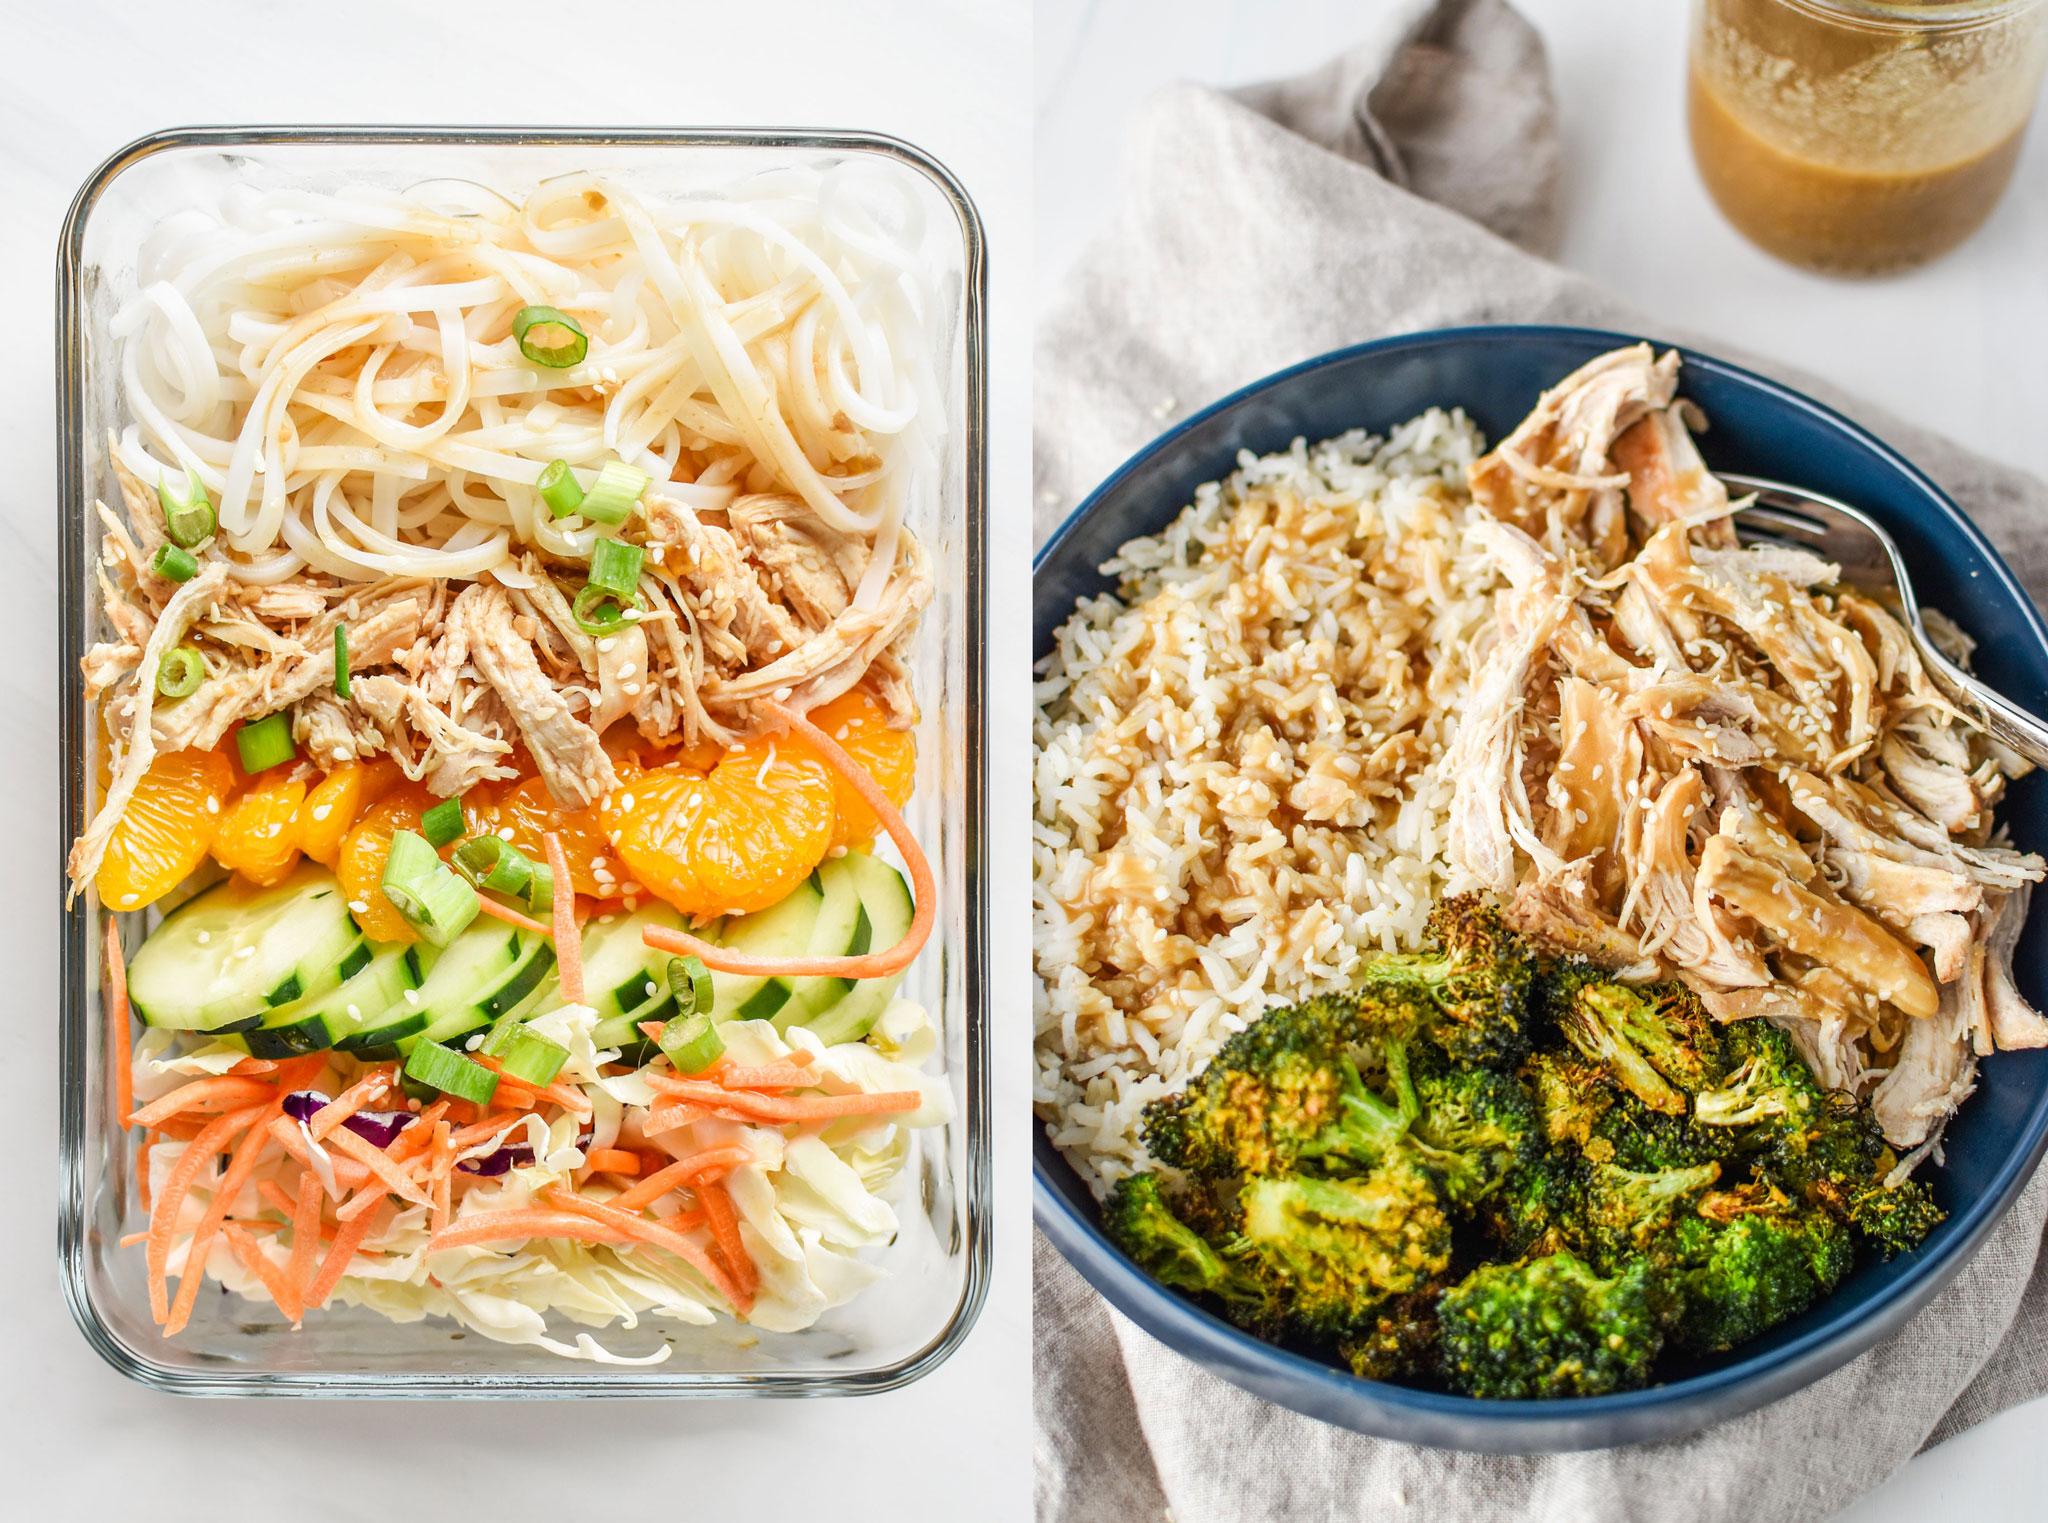 Meal ideas for the sesame shredded chicken